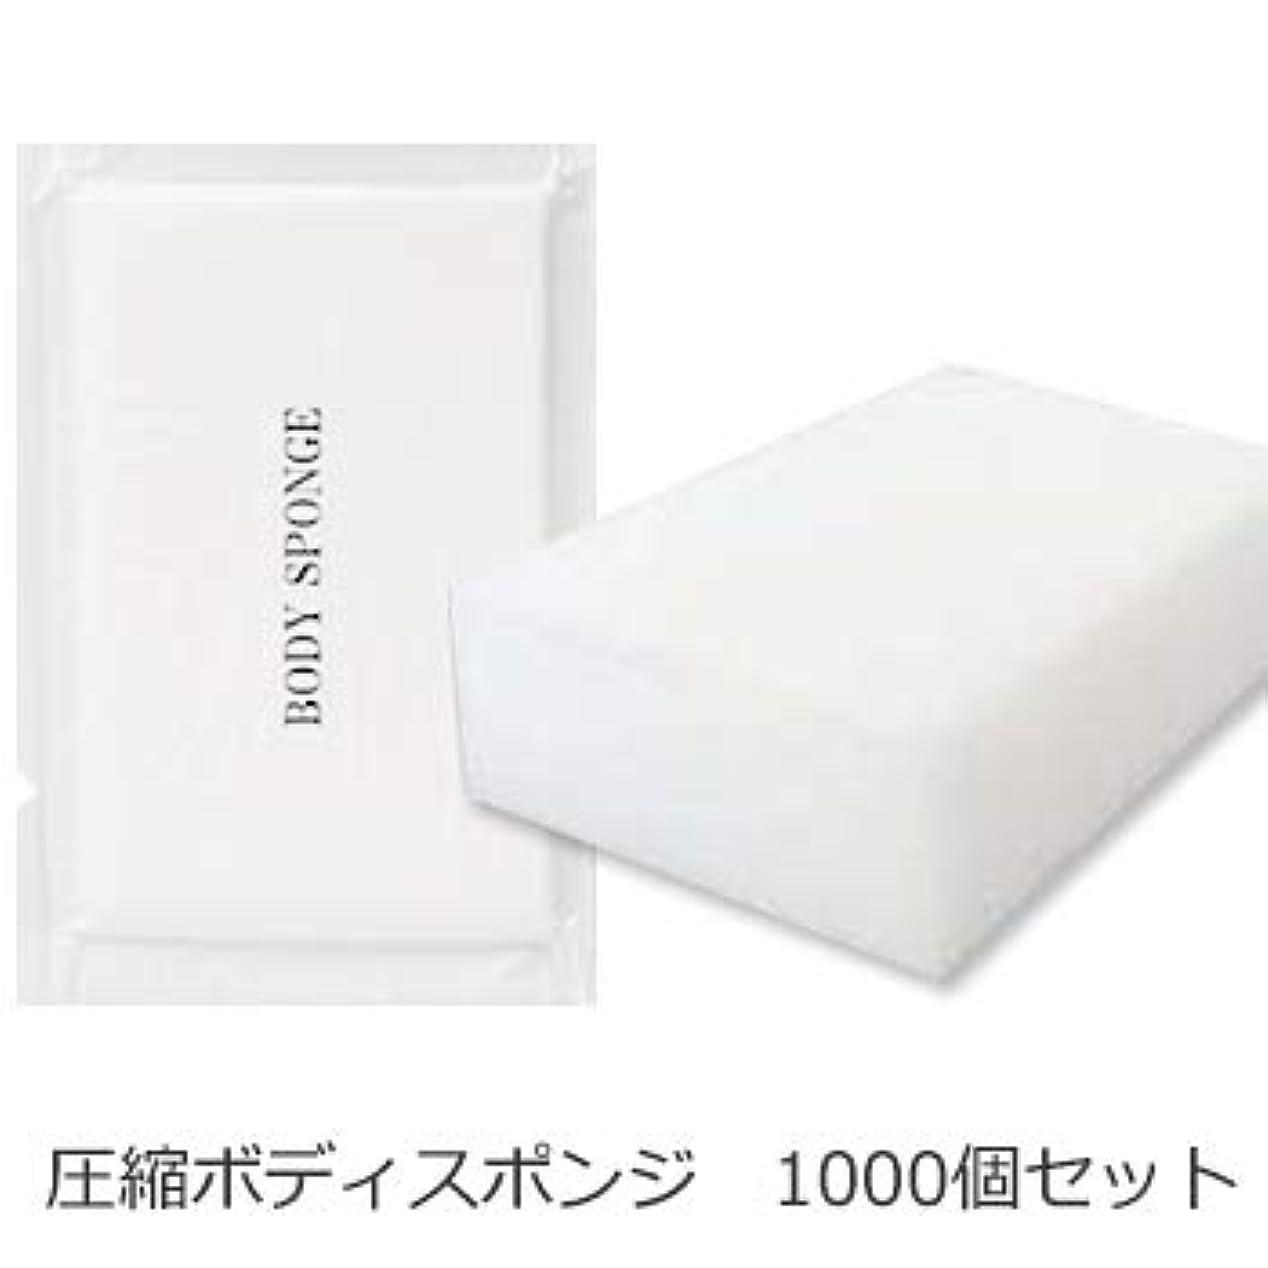 ケント製油所長くするボディスポンジ 海綿タイプ 厚み 30mm (1セット1000個入)1個当り11円税別